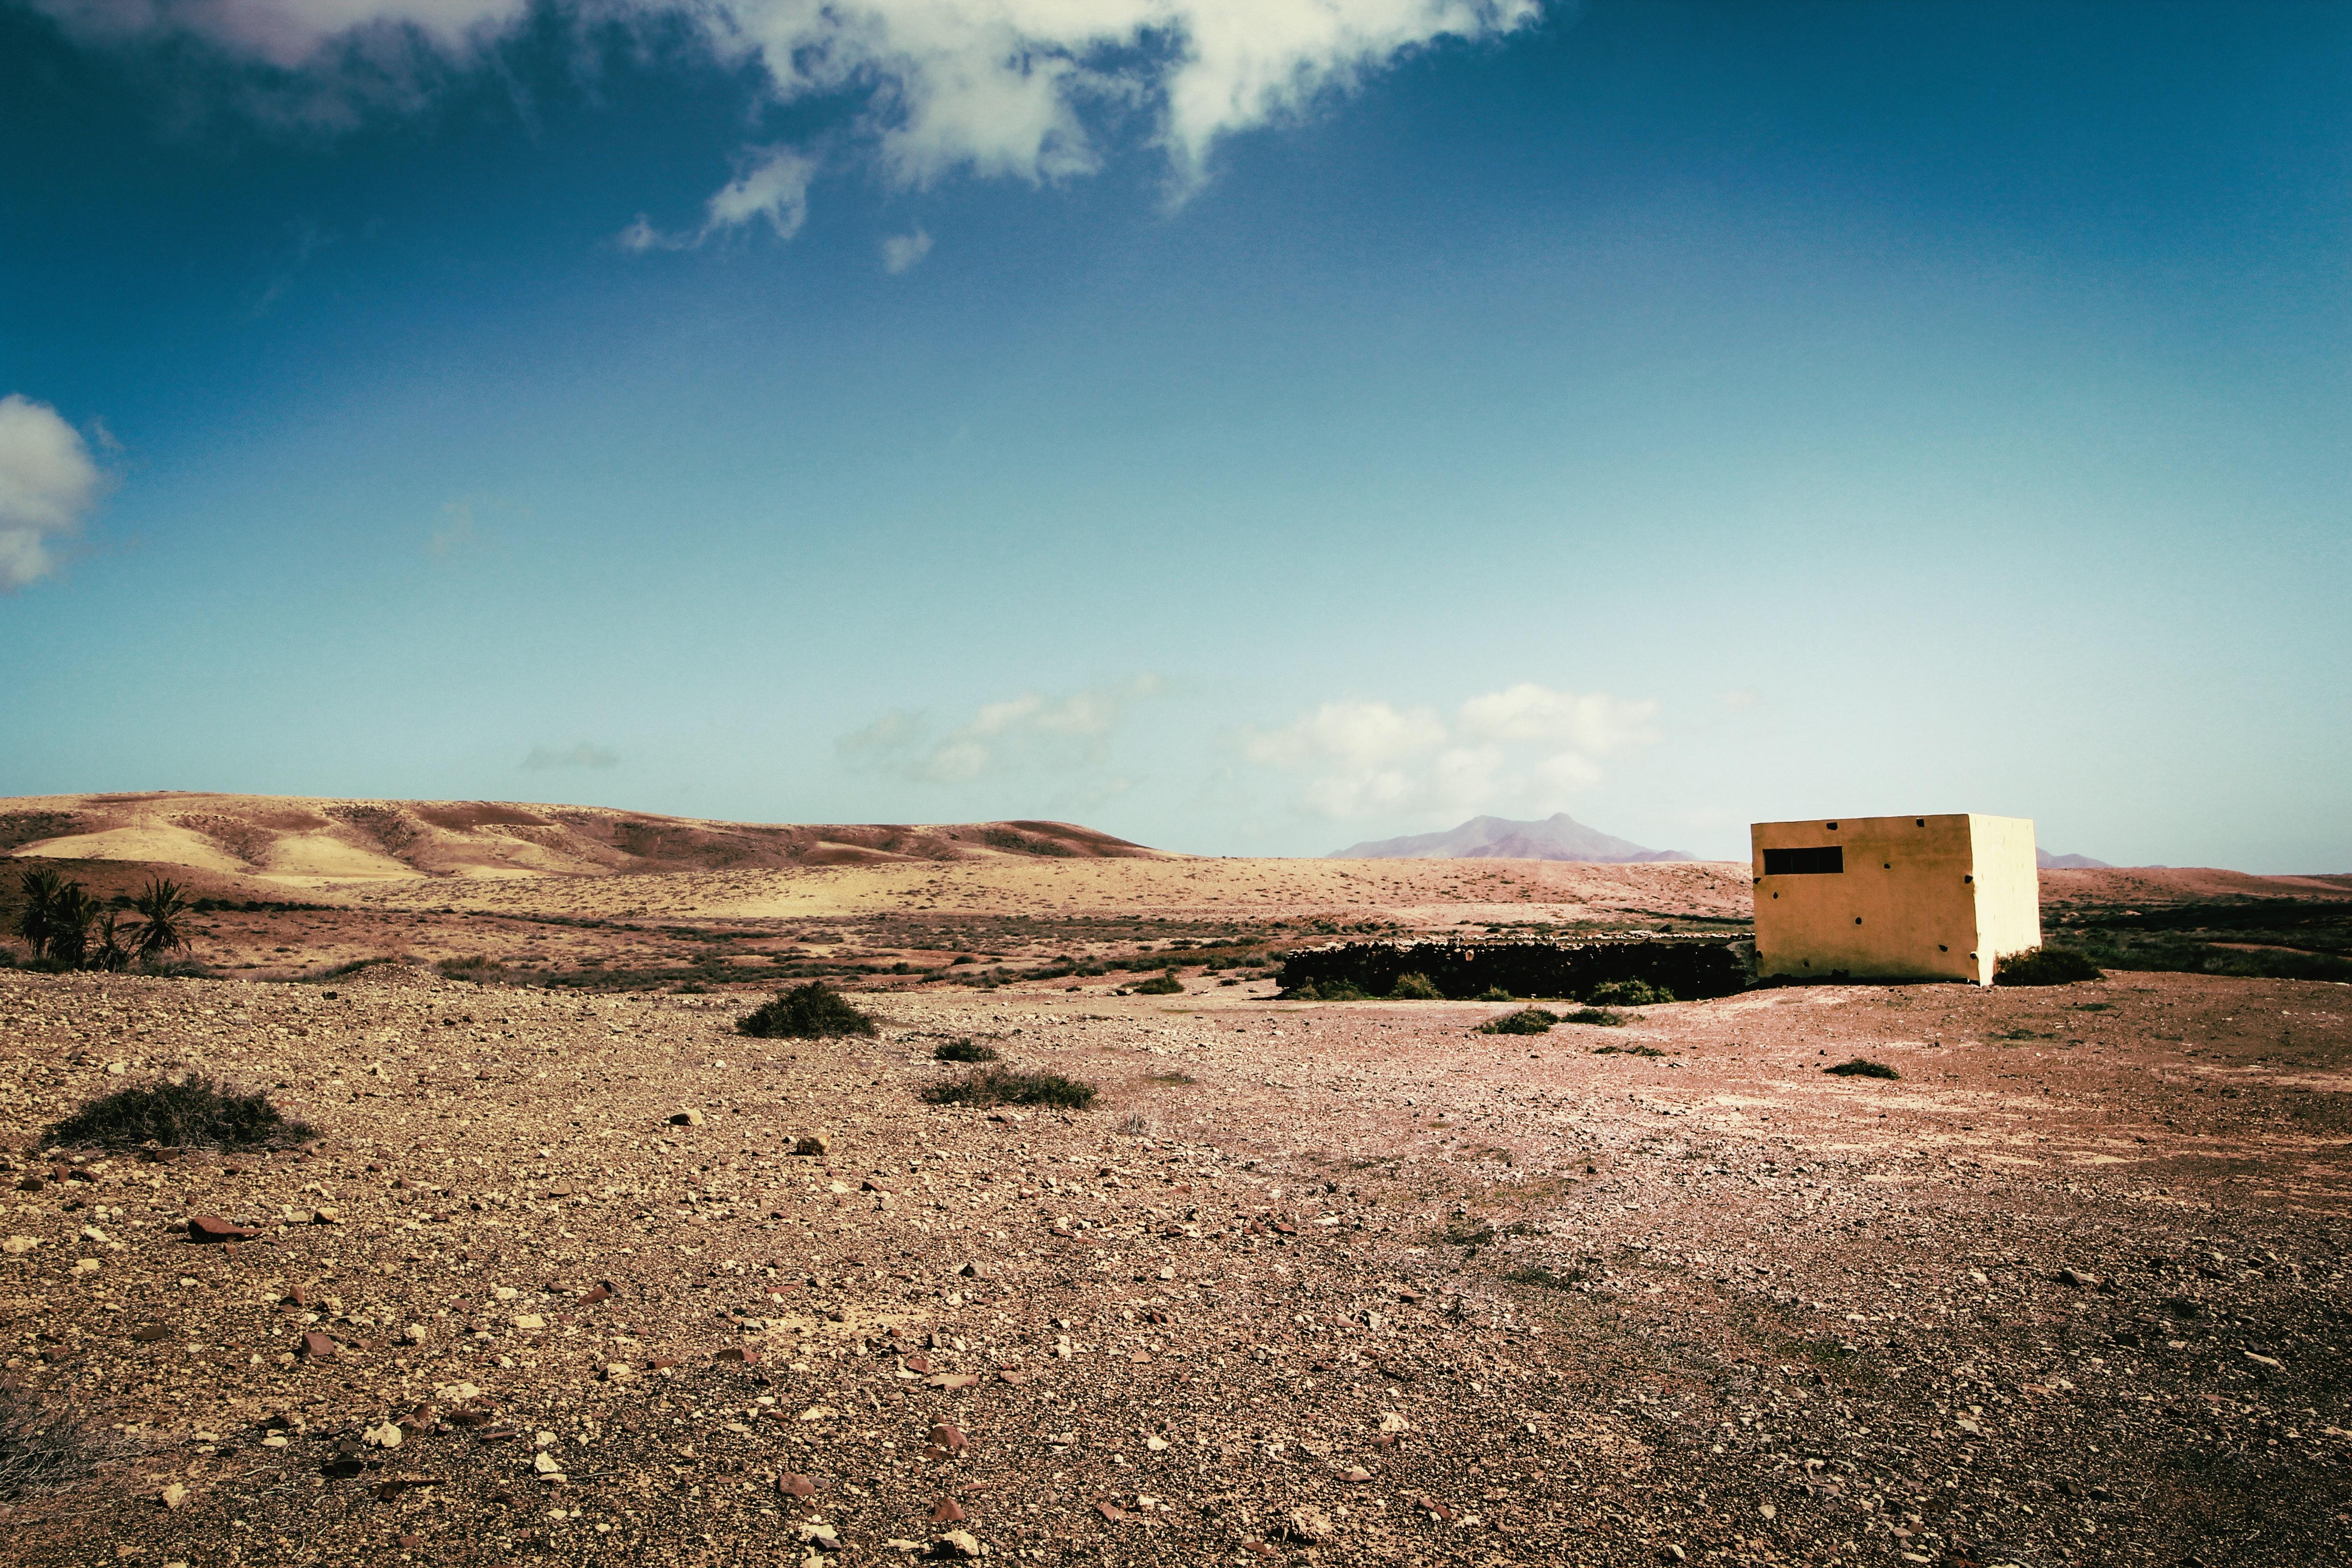 White Concrete Building on Desert, Abandoned, Sun, Solitary, Soil, HQ Photo